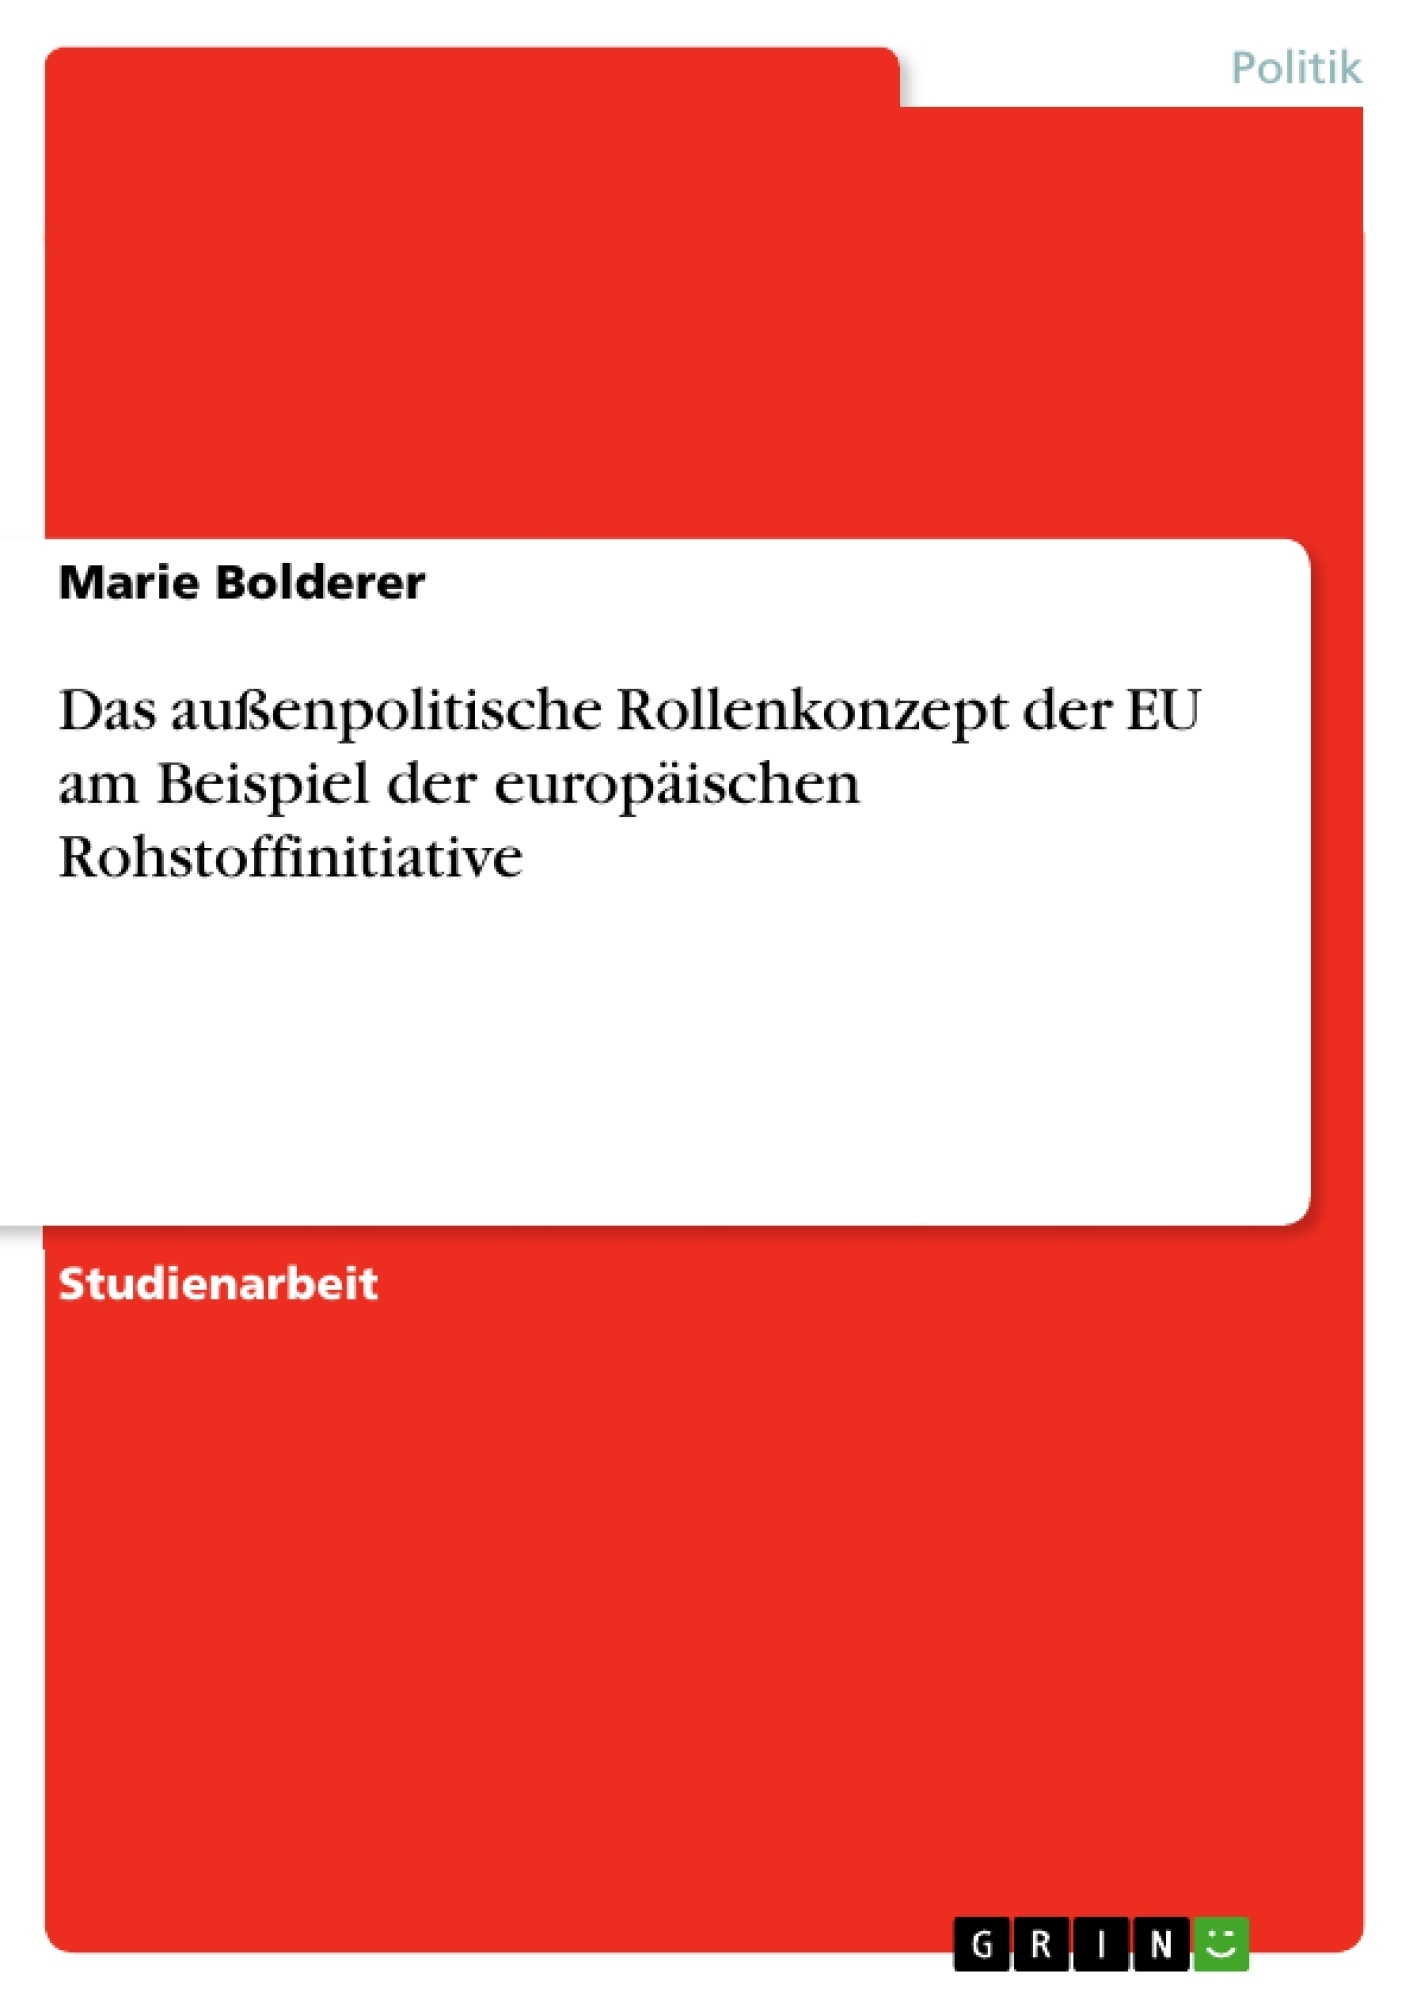 Titel: Das außenpolitische Rollenkonzept der EU am Beispiel der europäischen Rohstoffinitiative